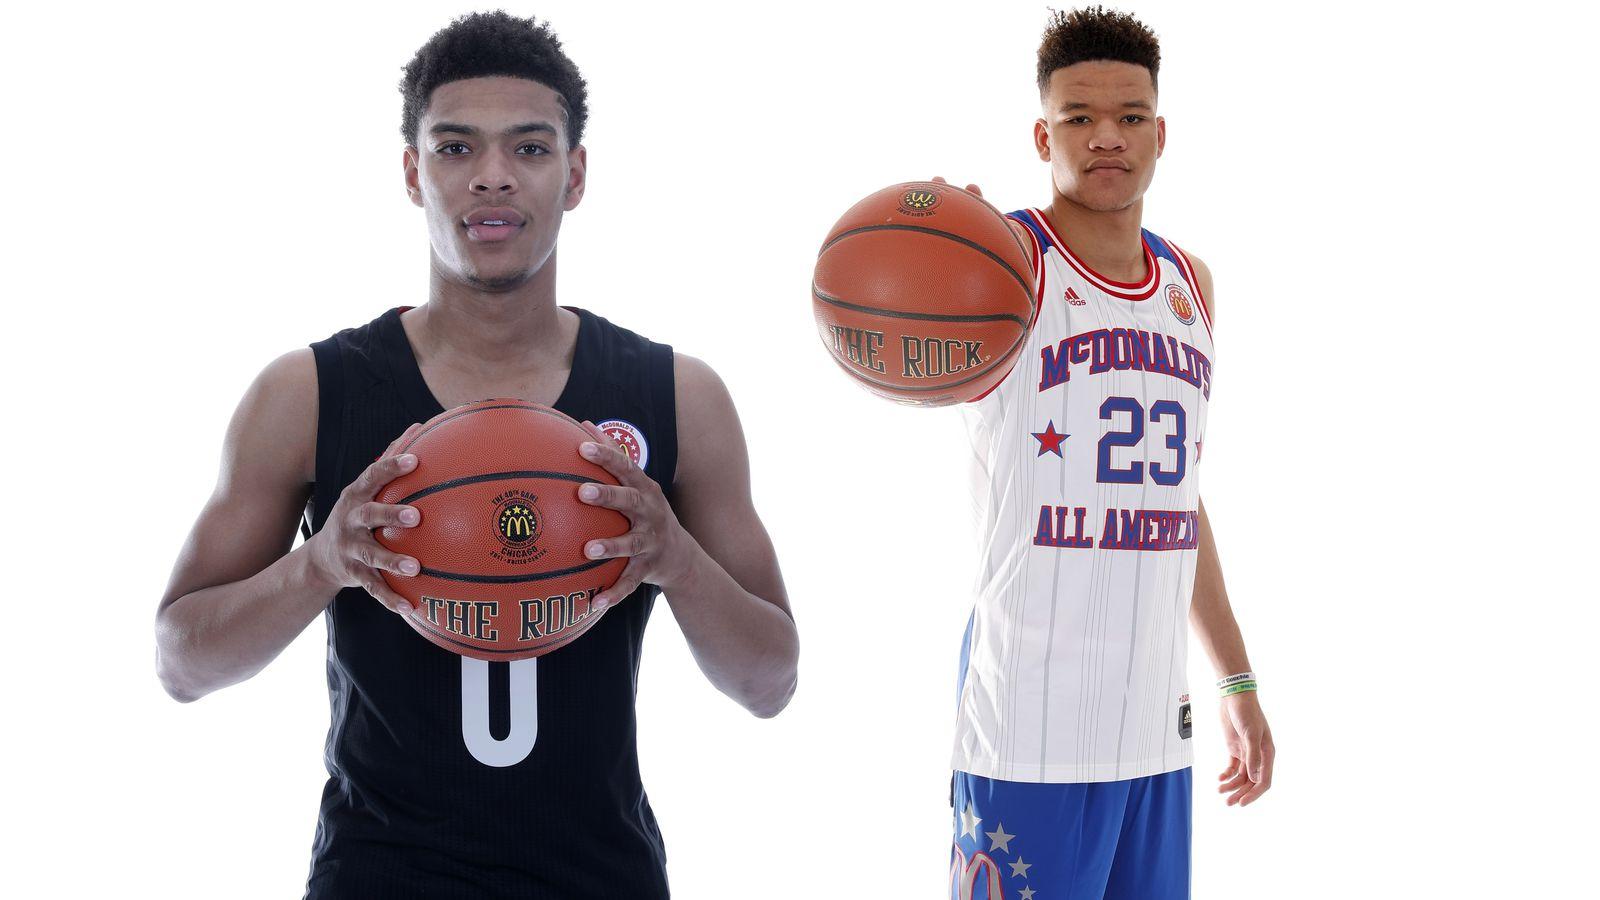 Kentucky Basketball Recruiting In 2017 Class: Kentucky Basketball Featured In Biggest 2017 Recruiting